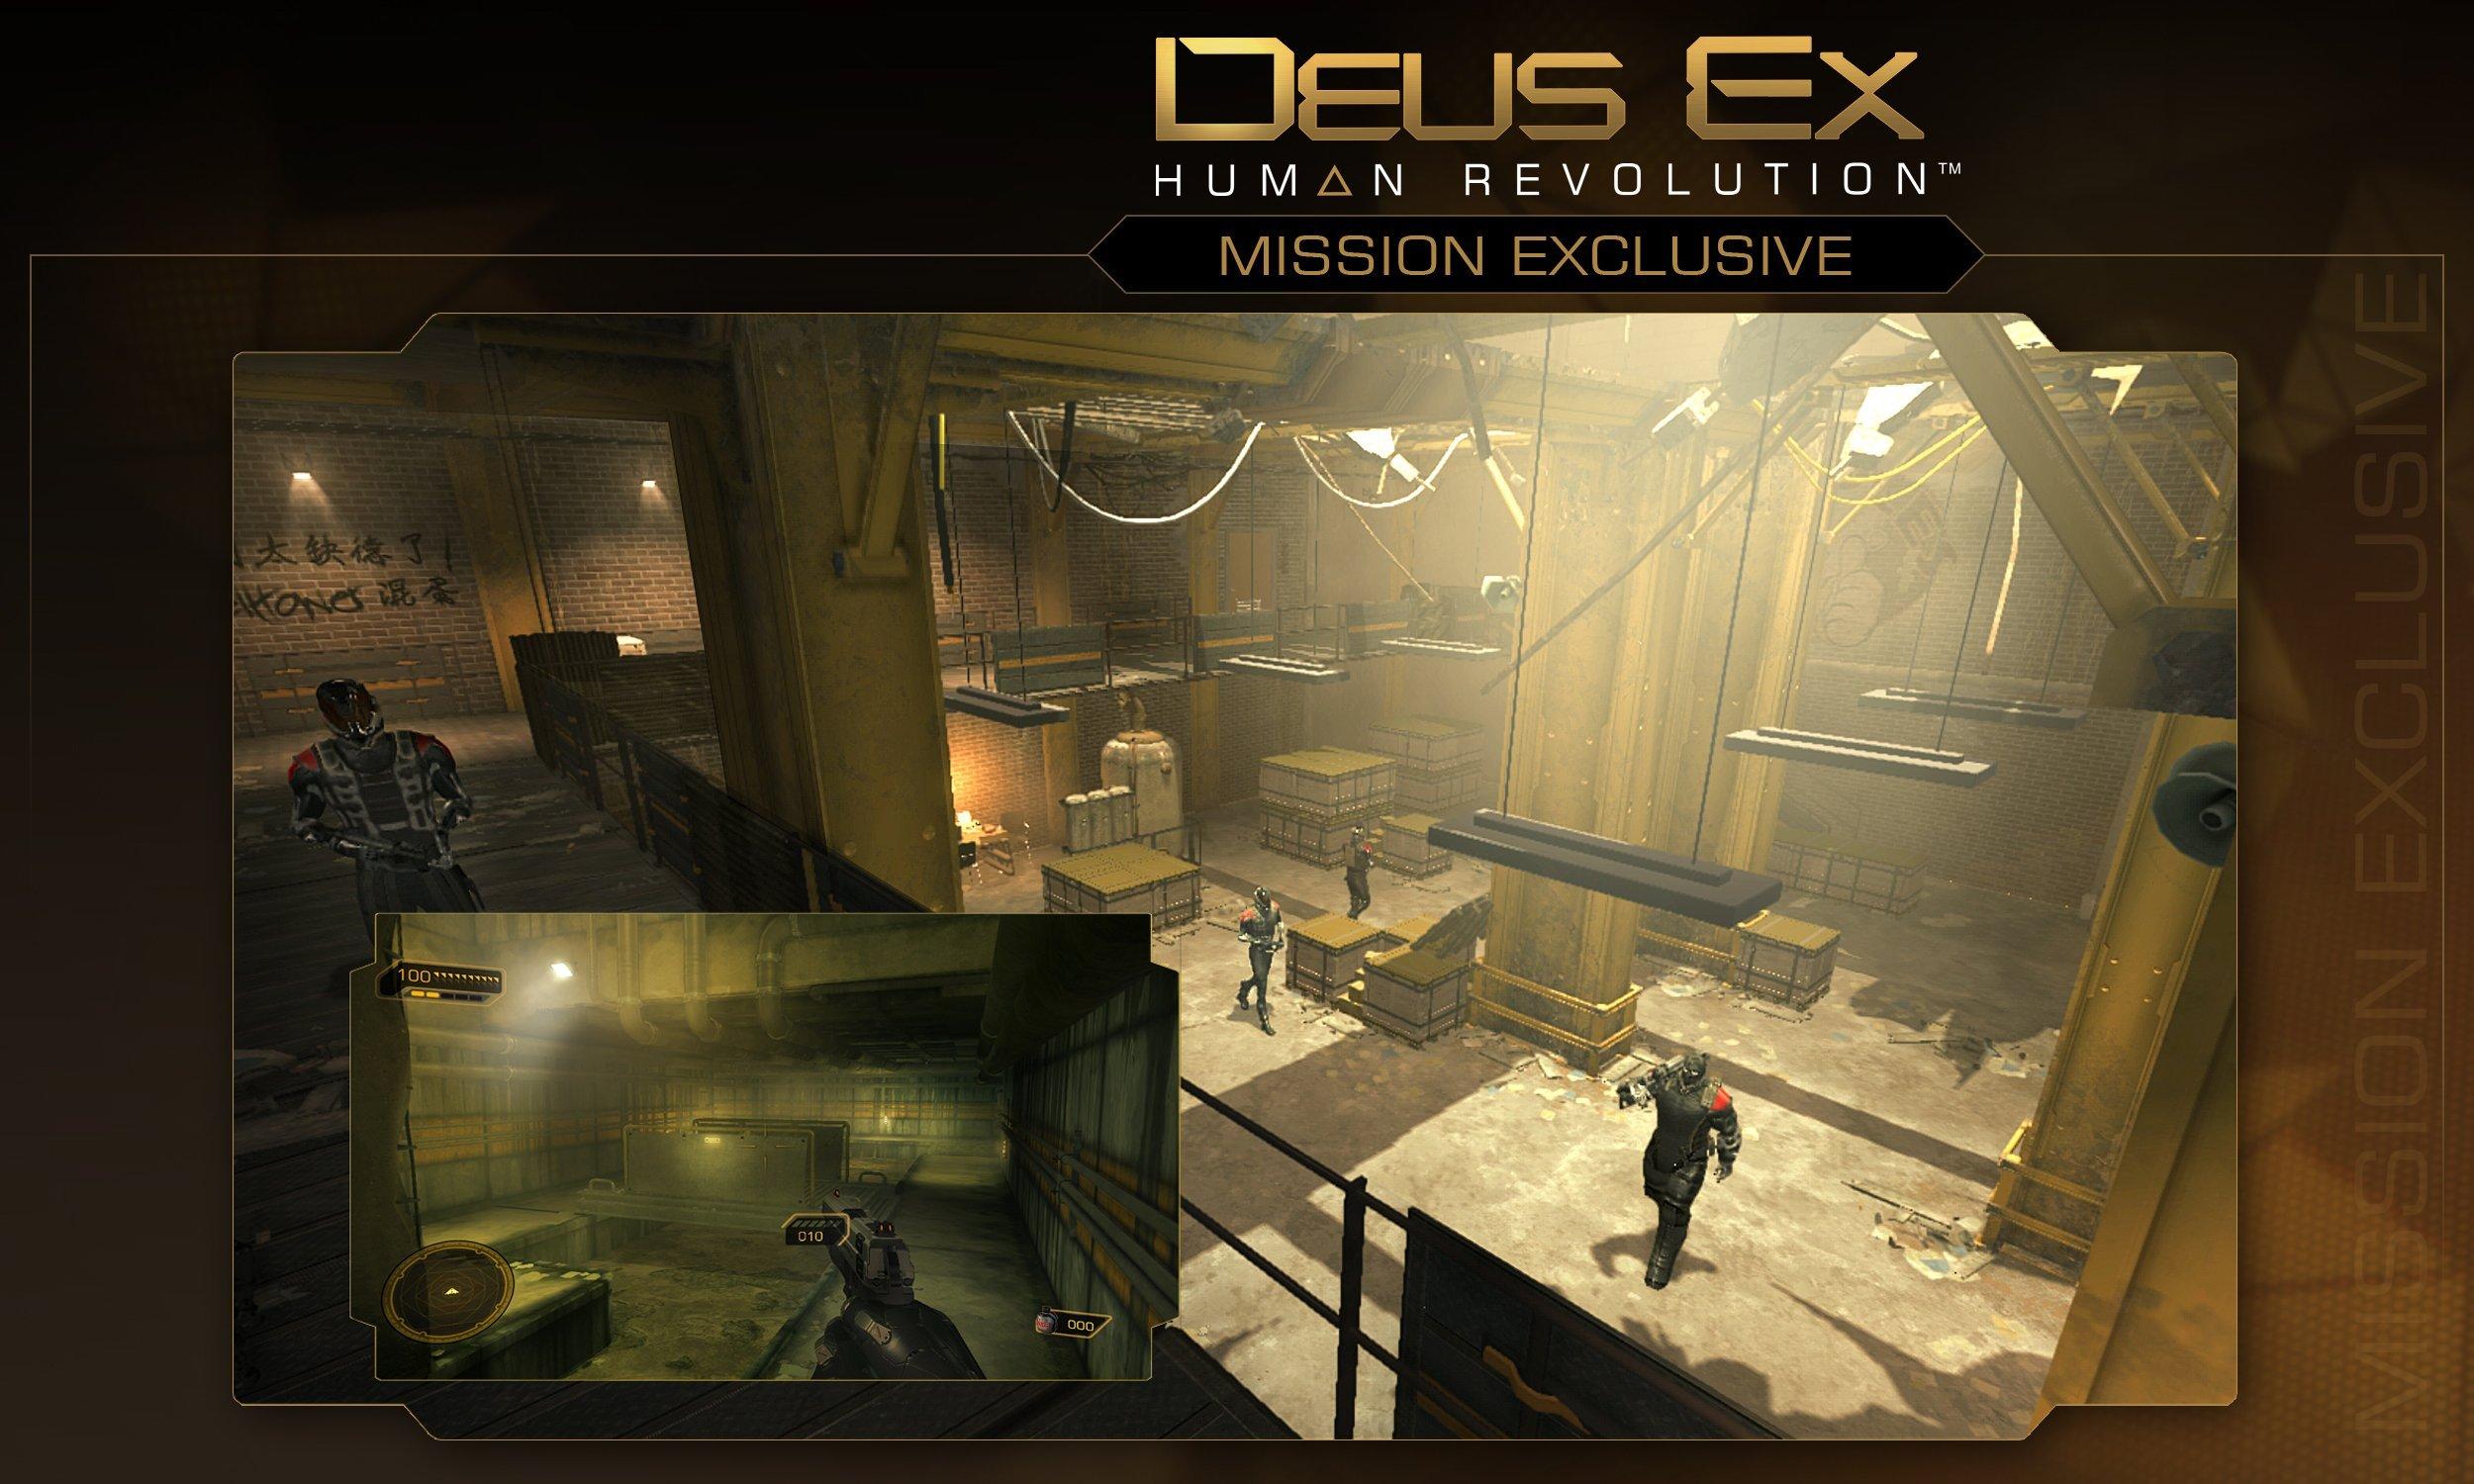 DeusEx-HumanRevolution Multi Div 097